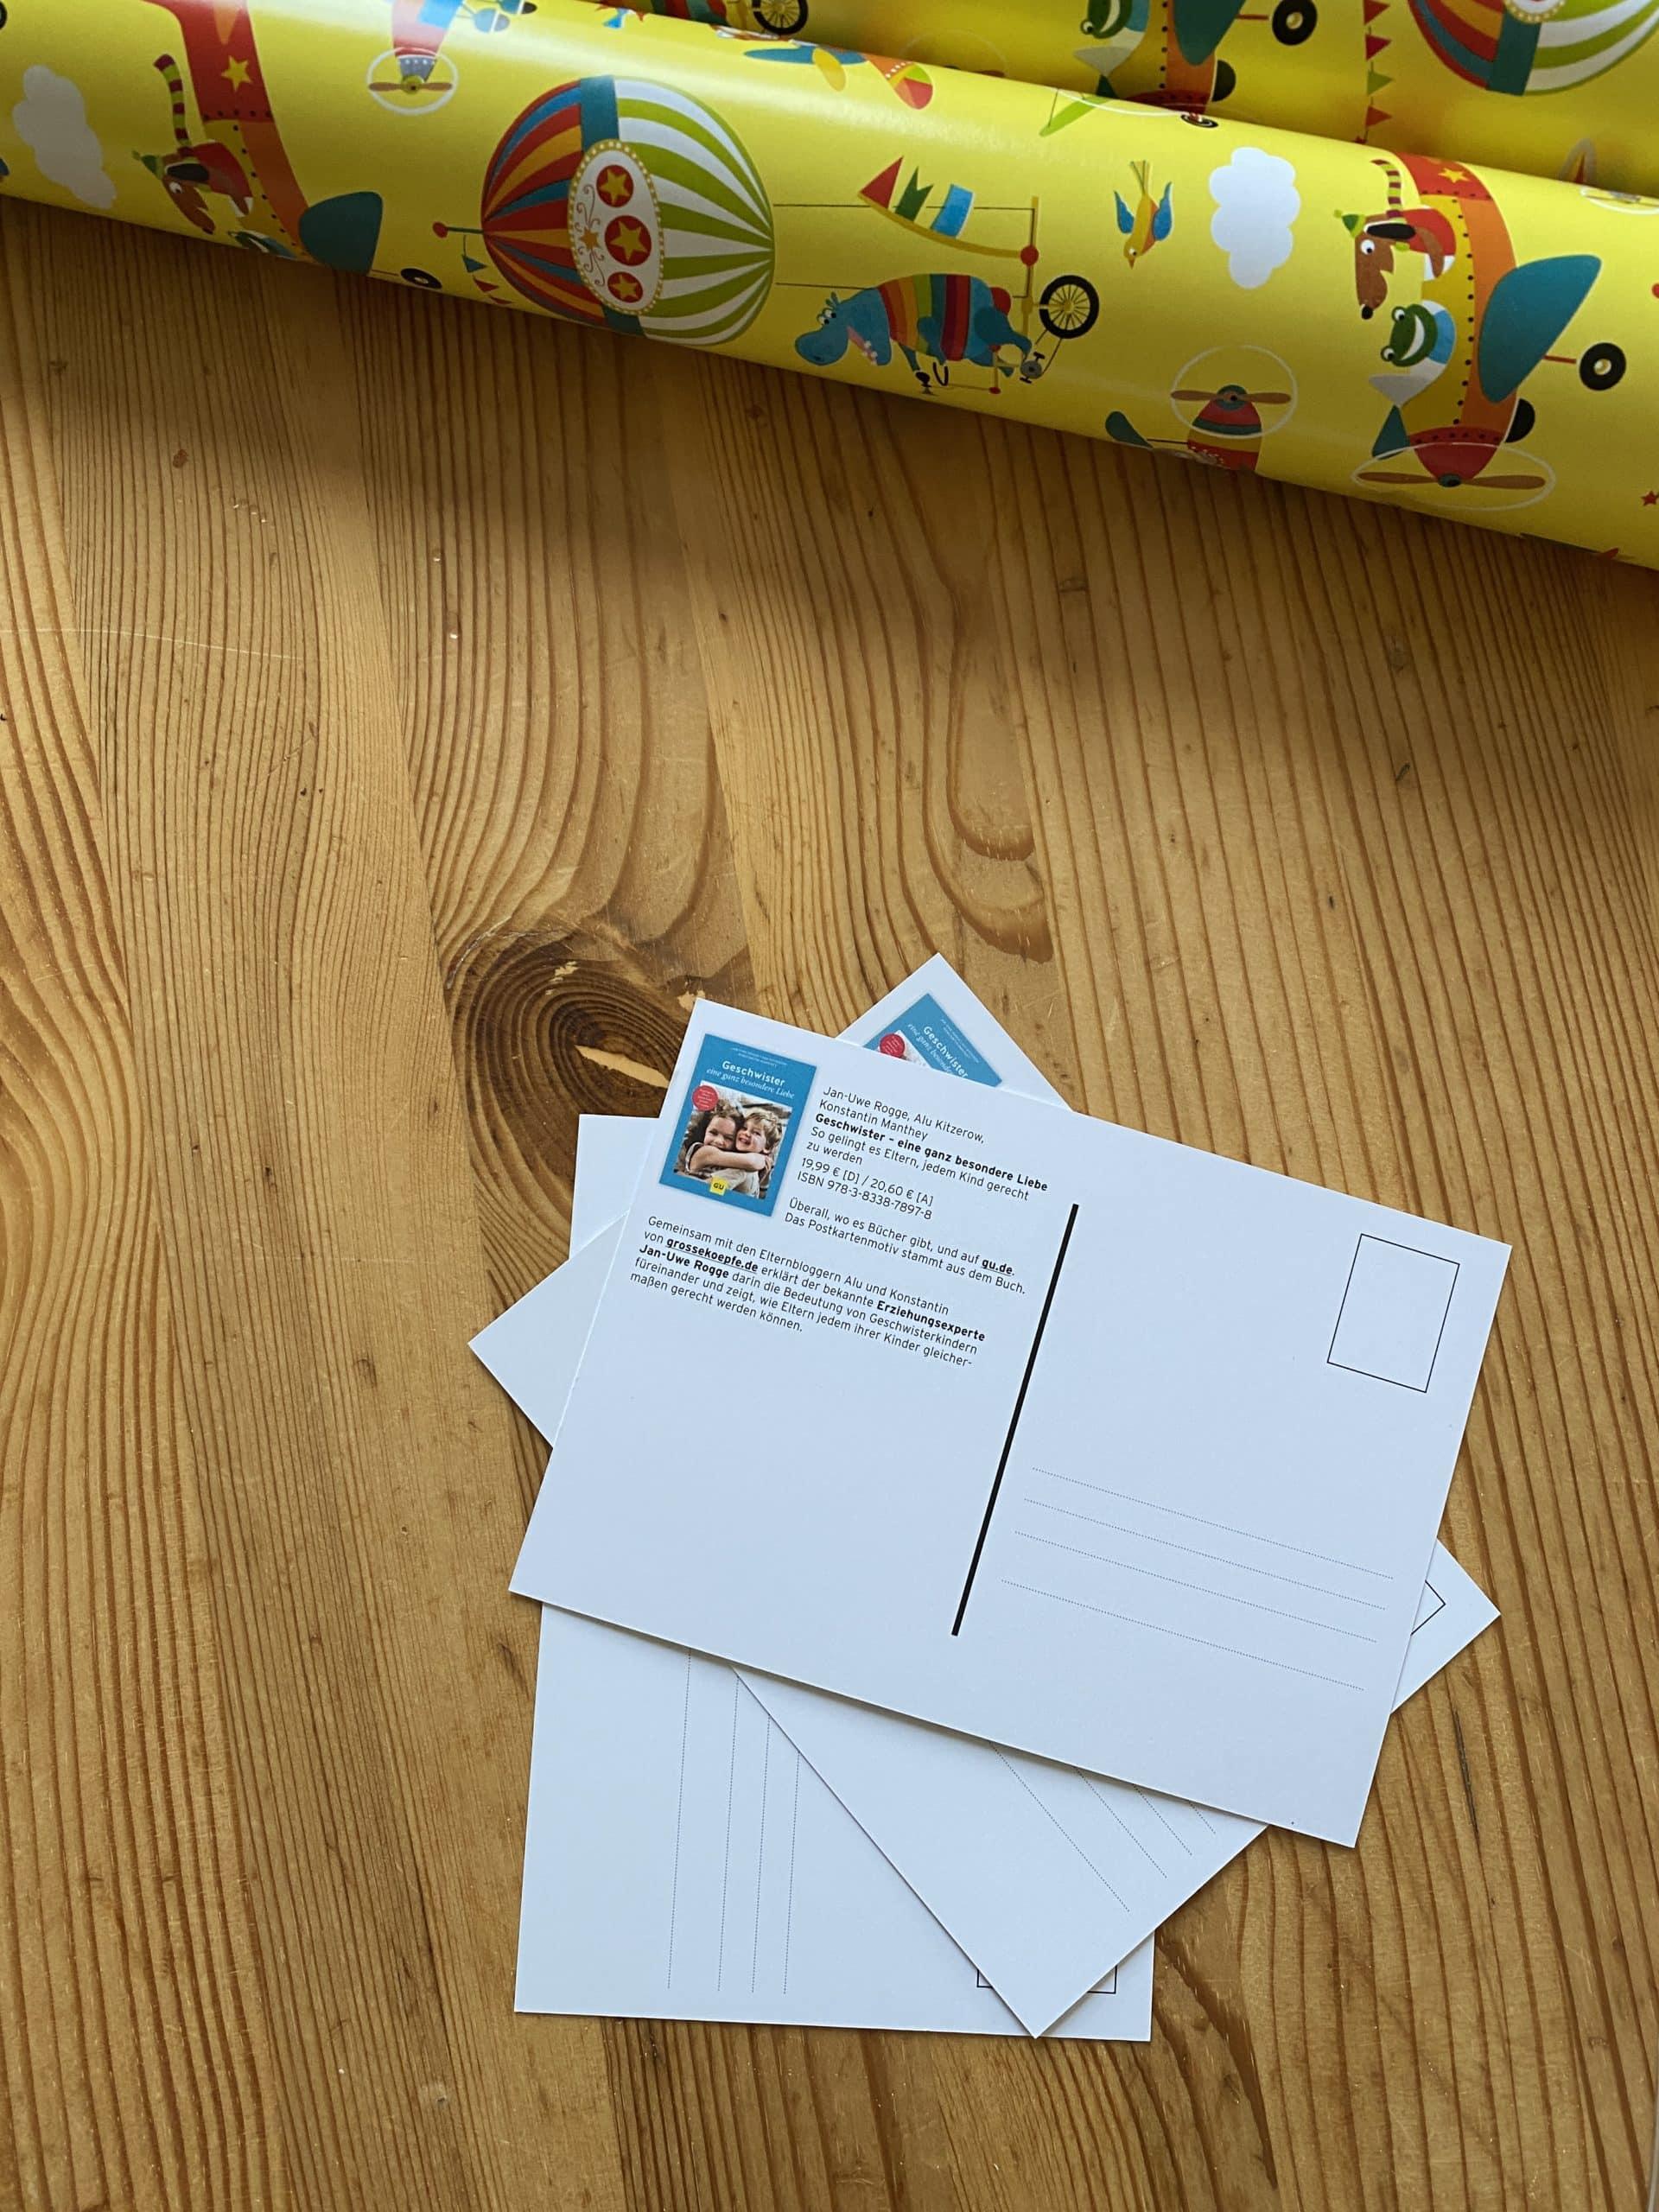 Ich verschicke mal etwas Post! Das wird Zeit.